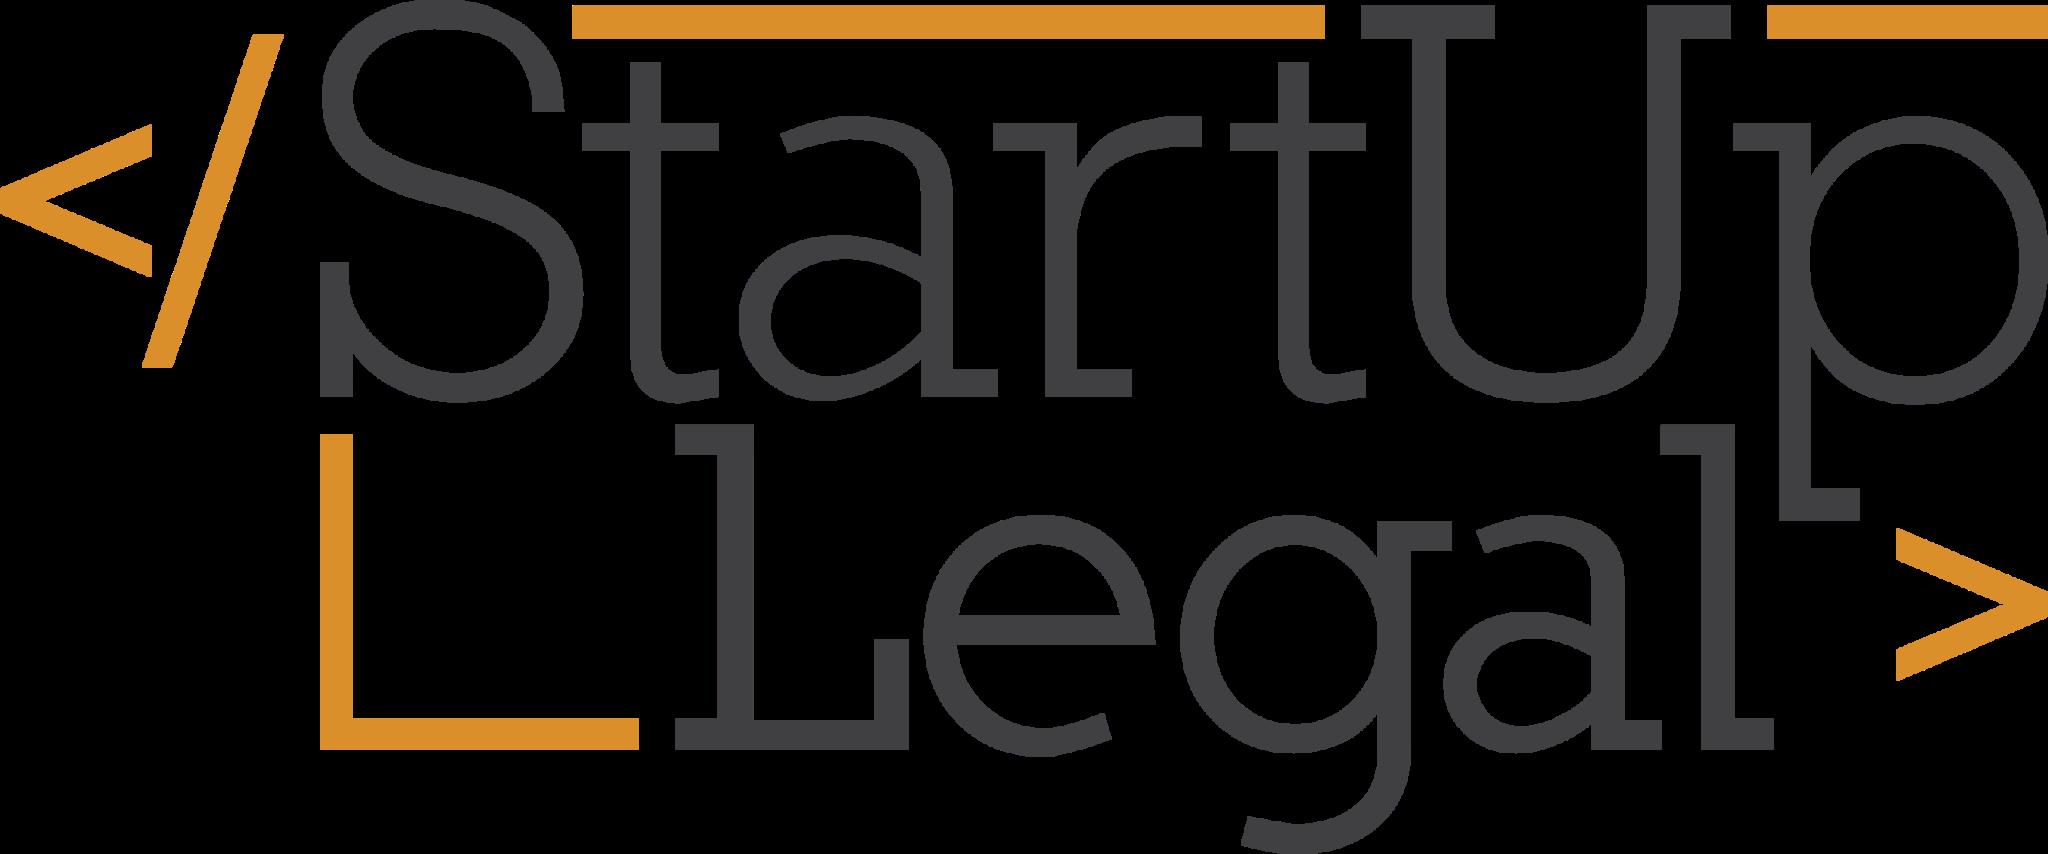 consulenza legale: Startup Legal avvocato Fabio Azzolina